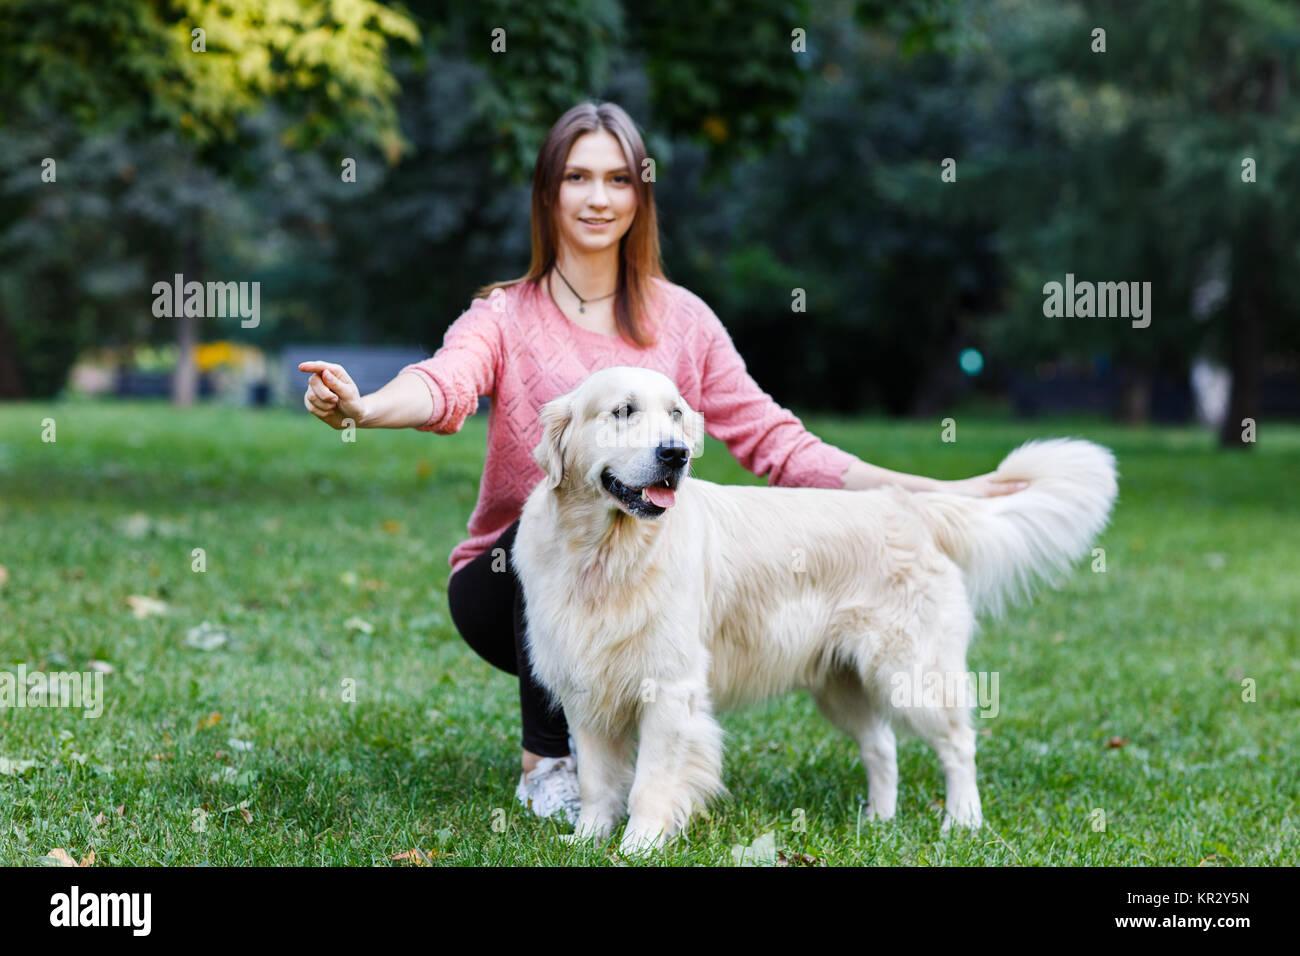 Image de brunette avec chien sur pelouse verte Photo Stock